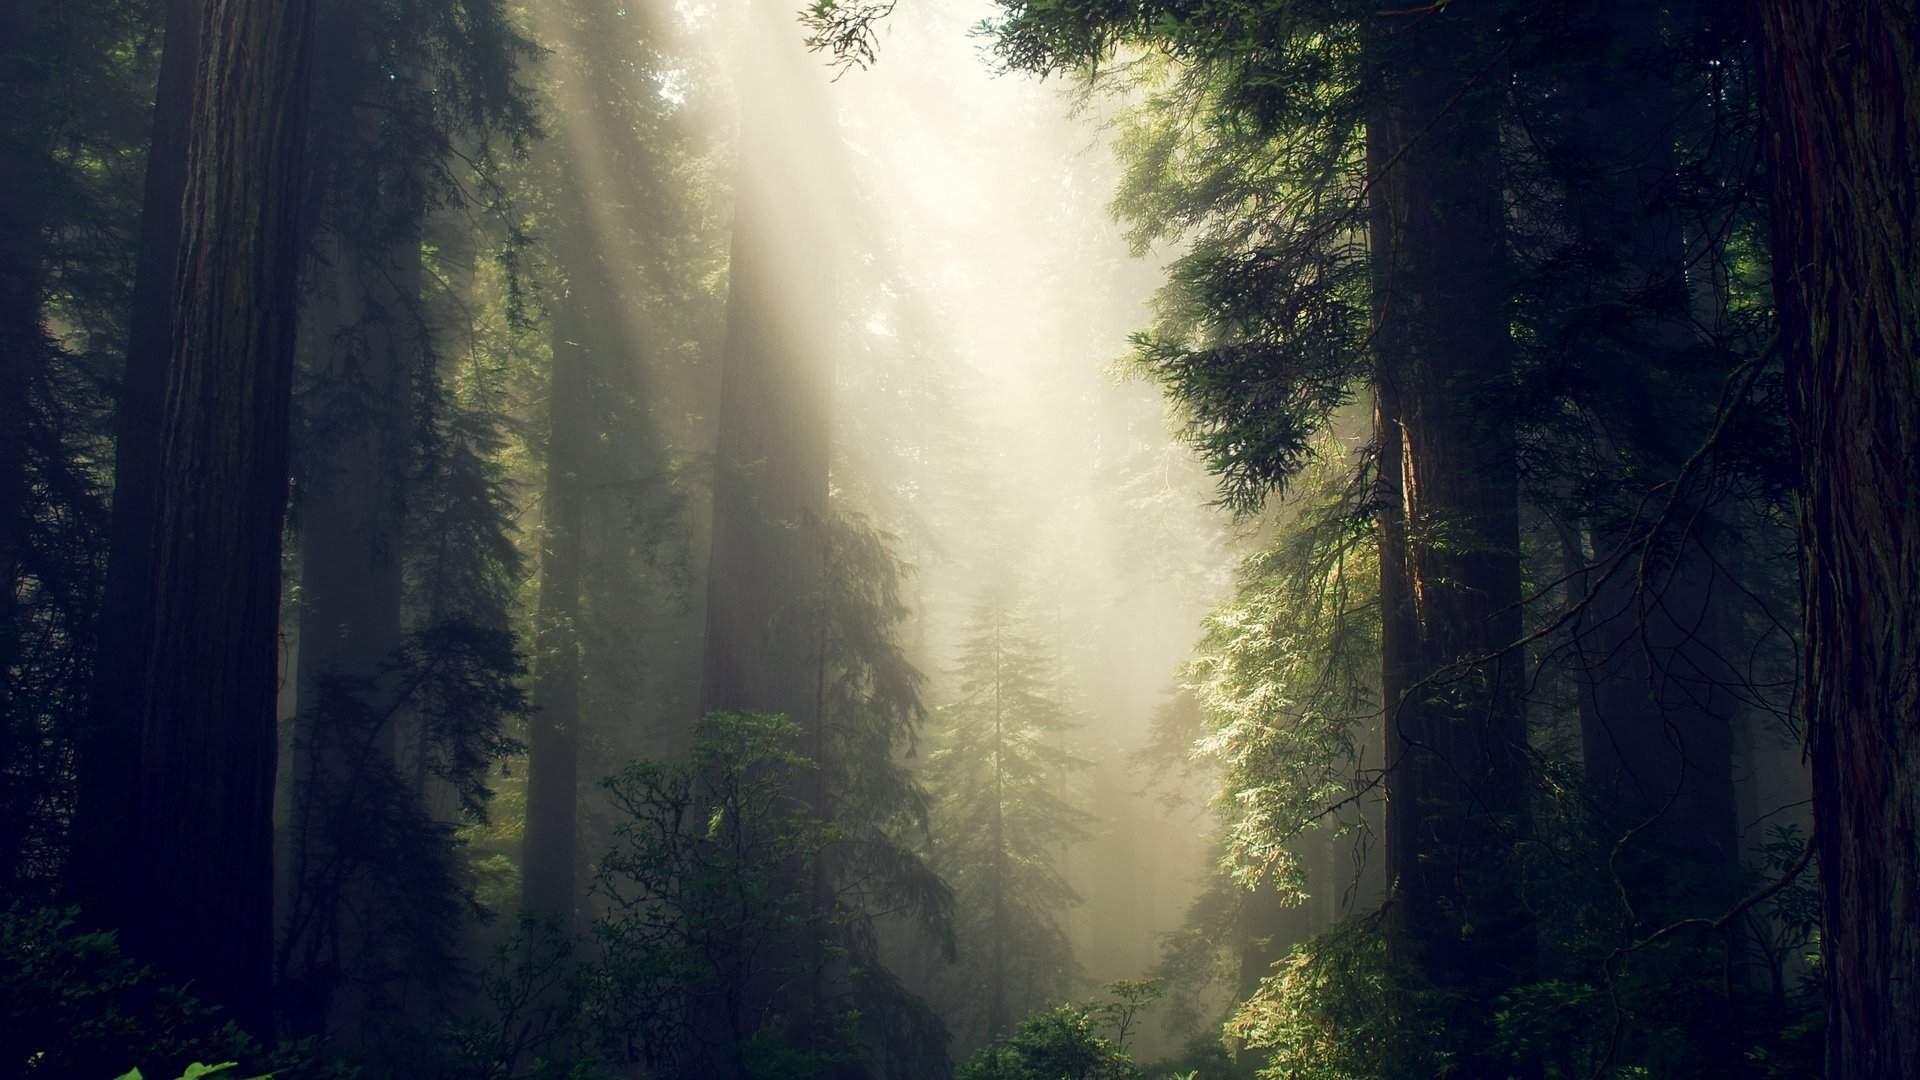 Forest Sunlight wallpaper for desktop